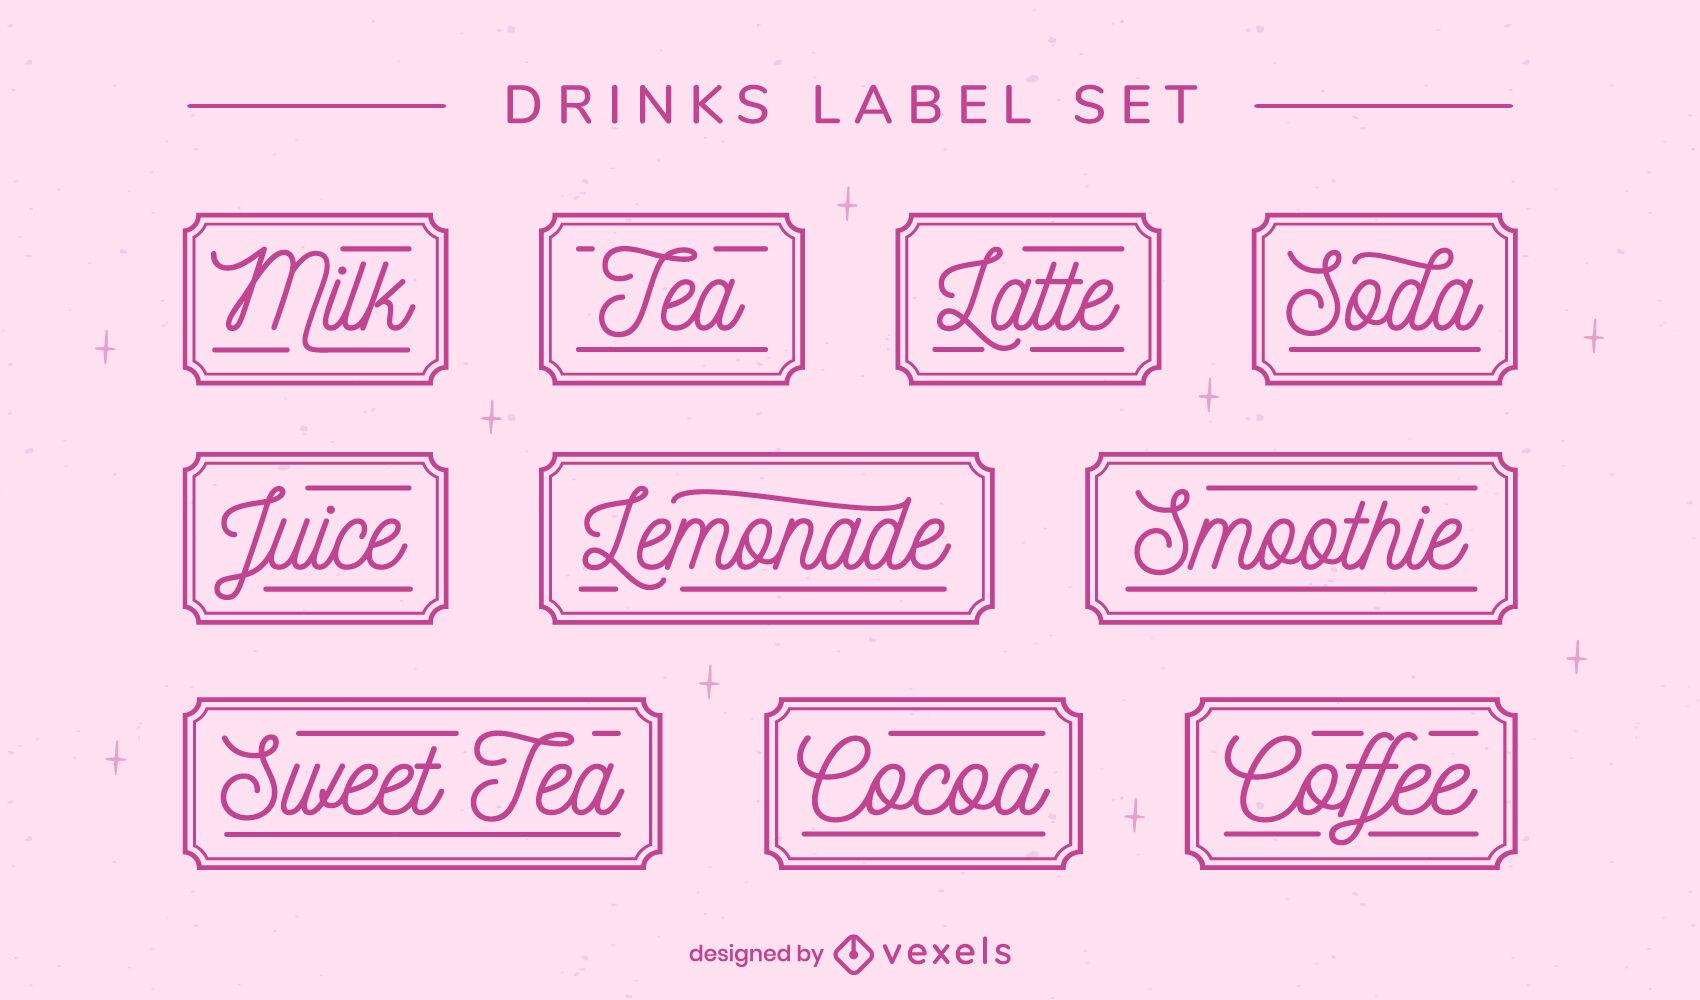 Letras de bebidas conjunto de etiquetas